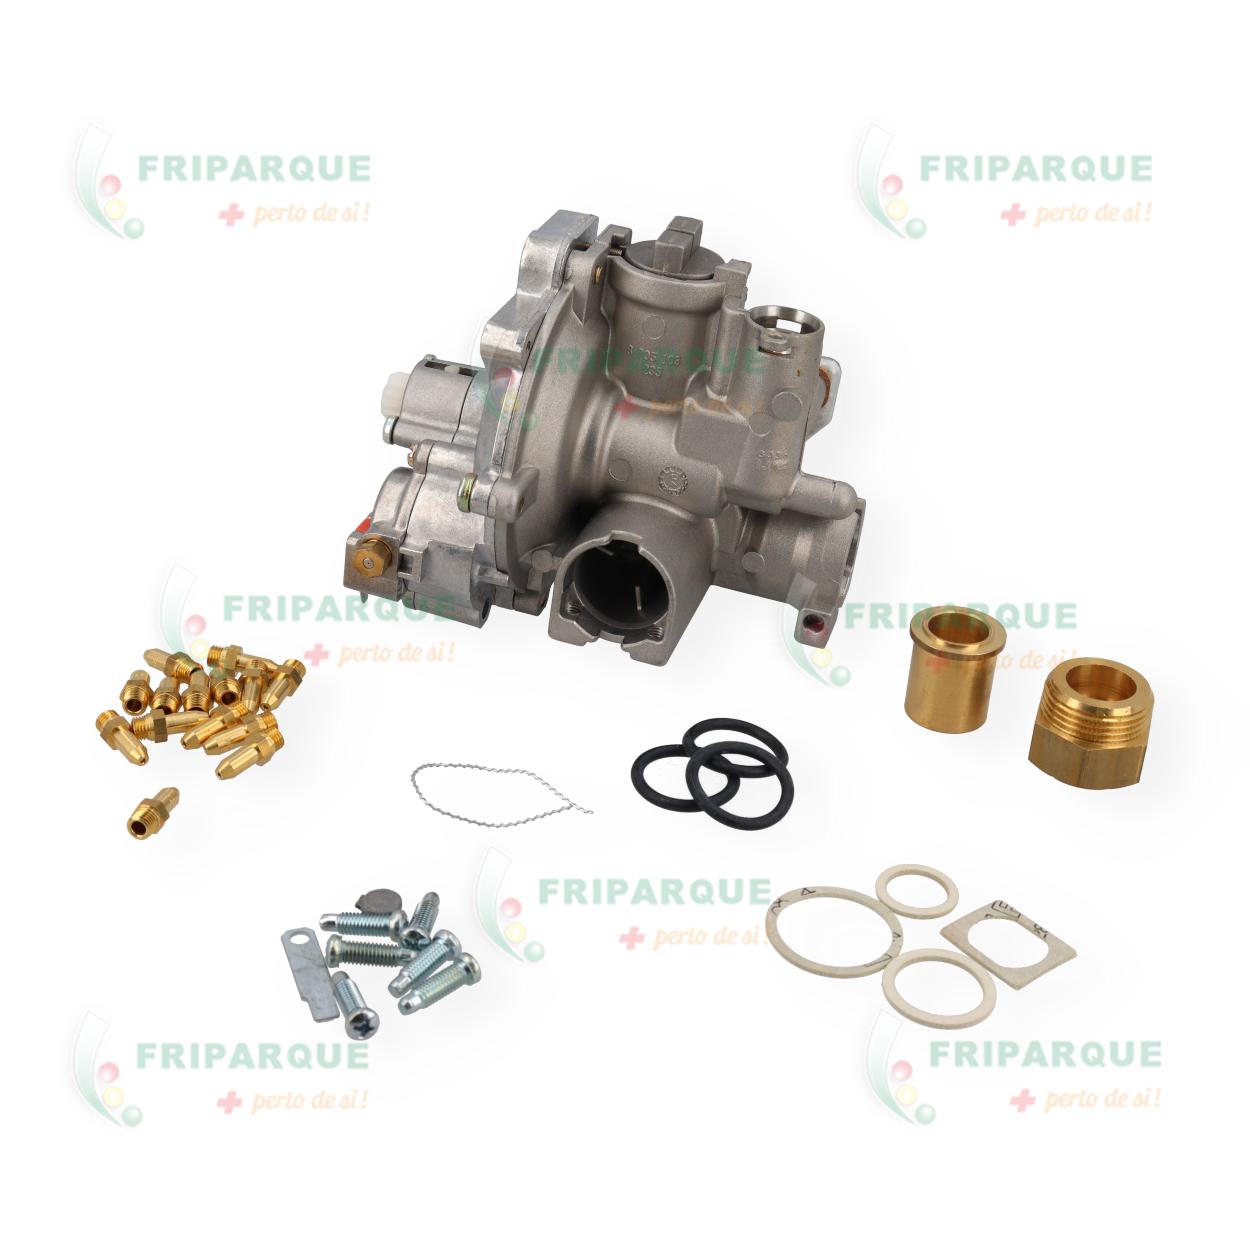 JOGO TRANSF DE GAS NATURAL W14 SUBREF(VL8719002642)